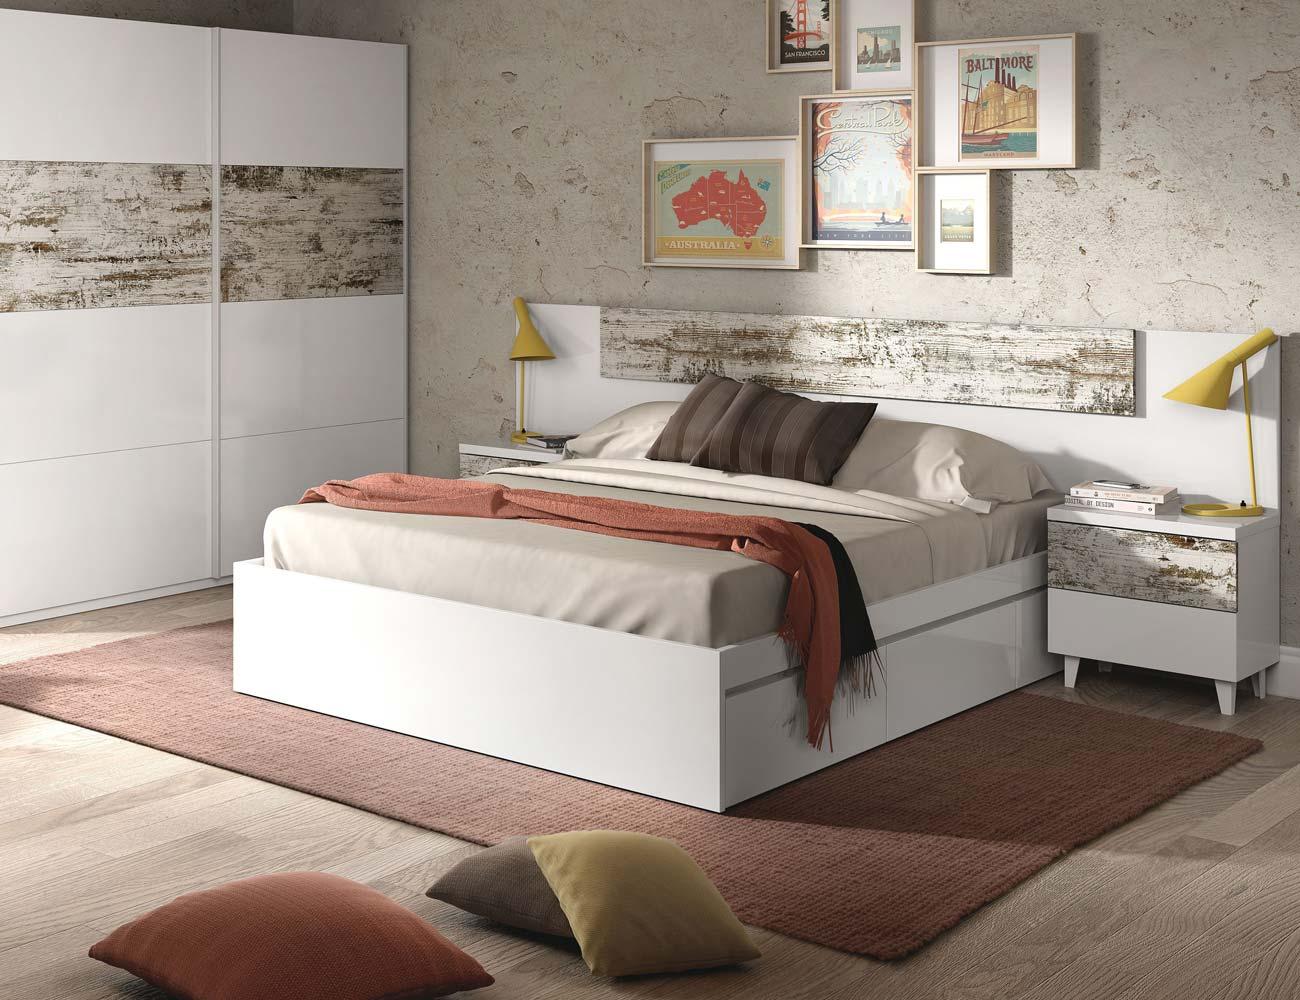 Dormitorio blanco vintage moderno1